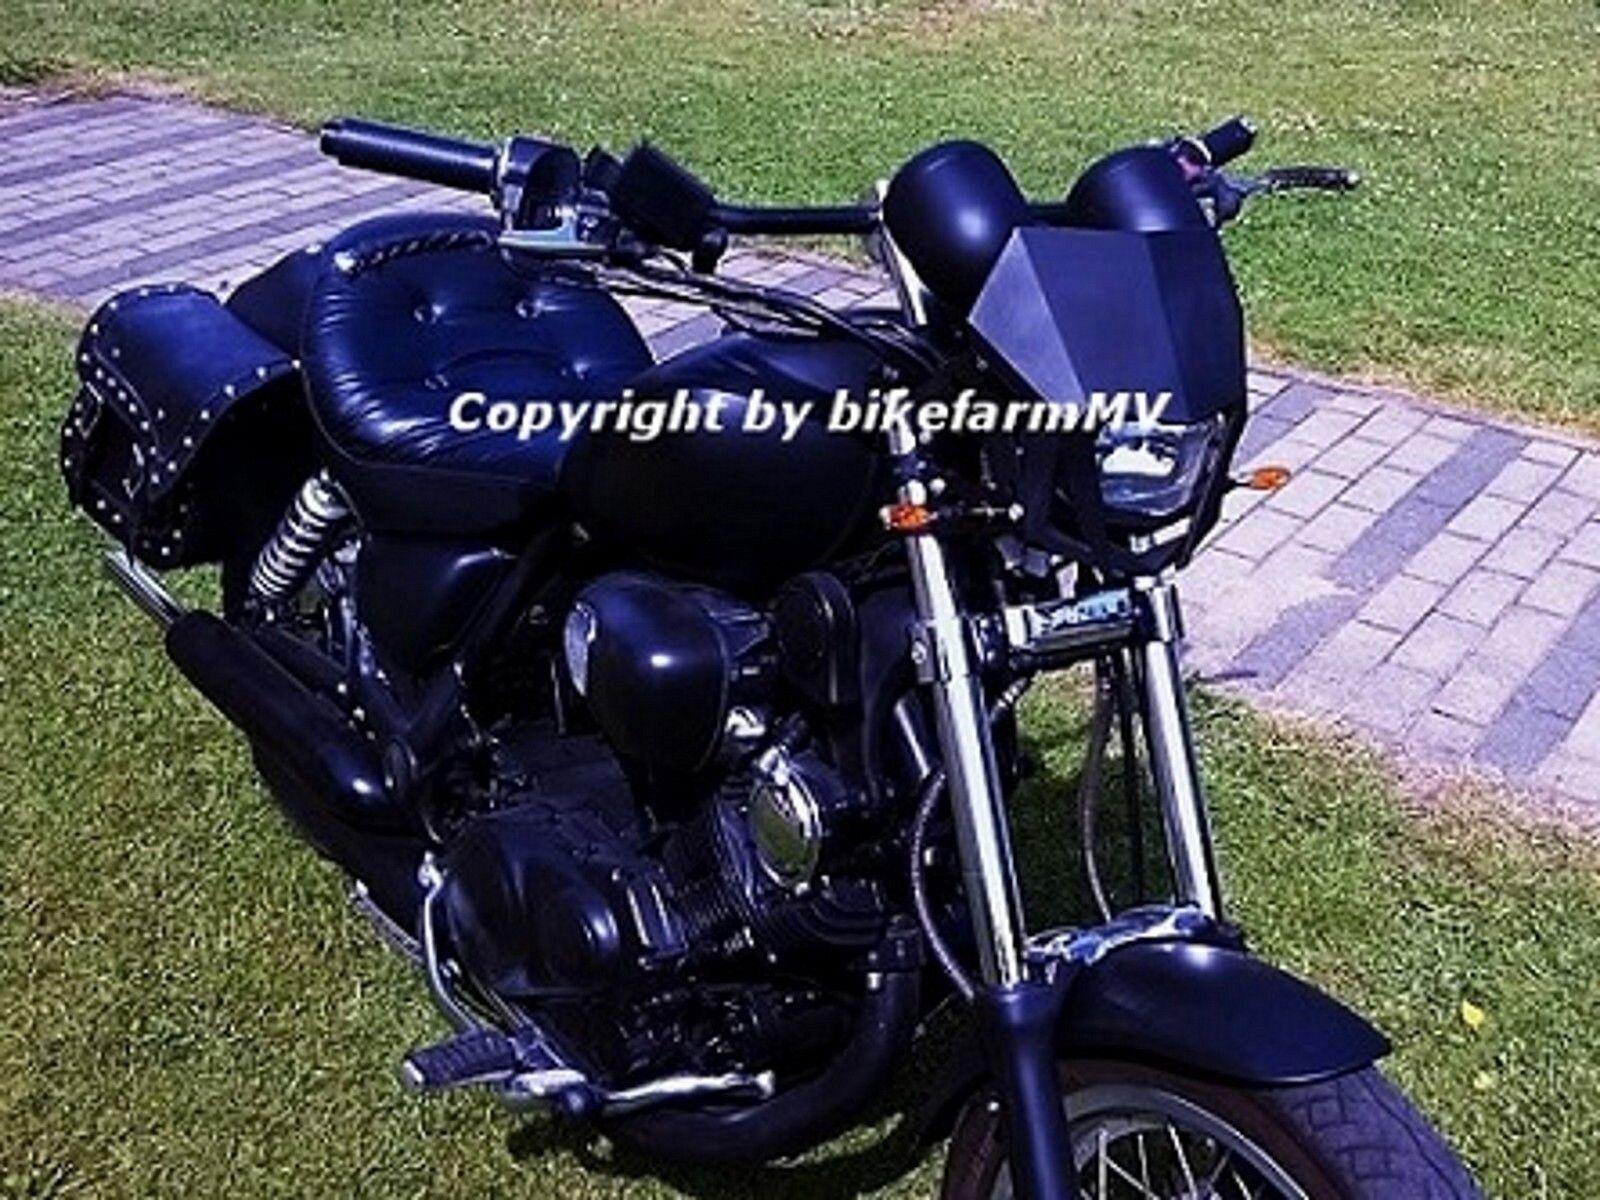 Universal 7//8 Zoll 22mm Motor Lenker Drag Gerade Bar f/ür Chopper Cruisers Bobber Bike Schwarz